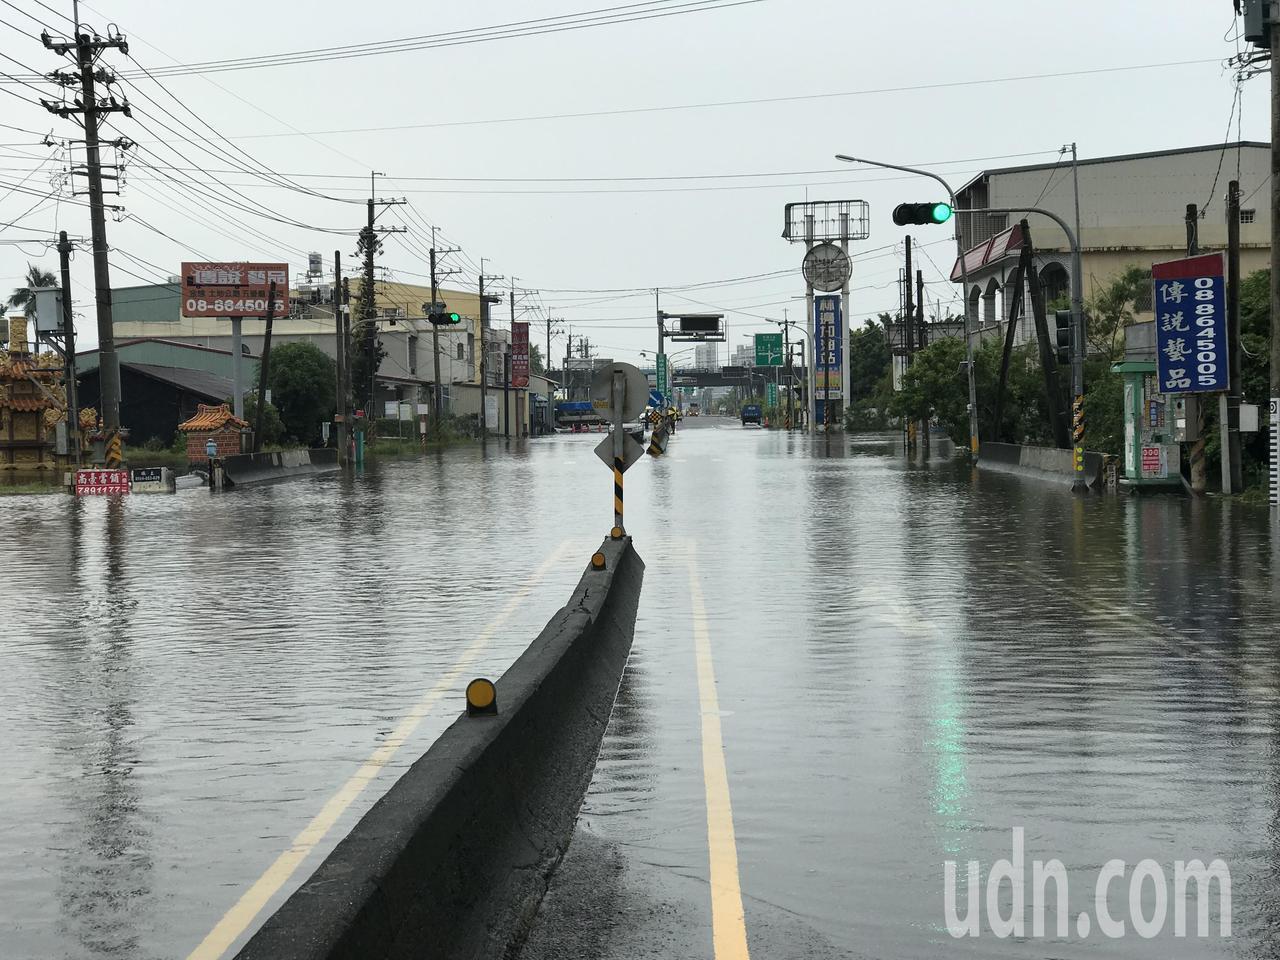 台17線林邊嗂仔口橋路段今天已連續第4天淹水雙向封閉。記者蔣繼平/攝影